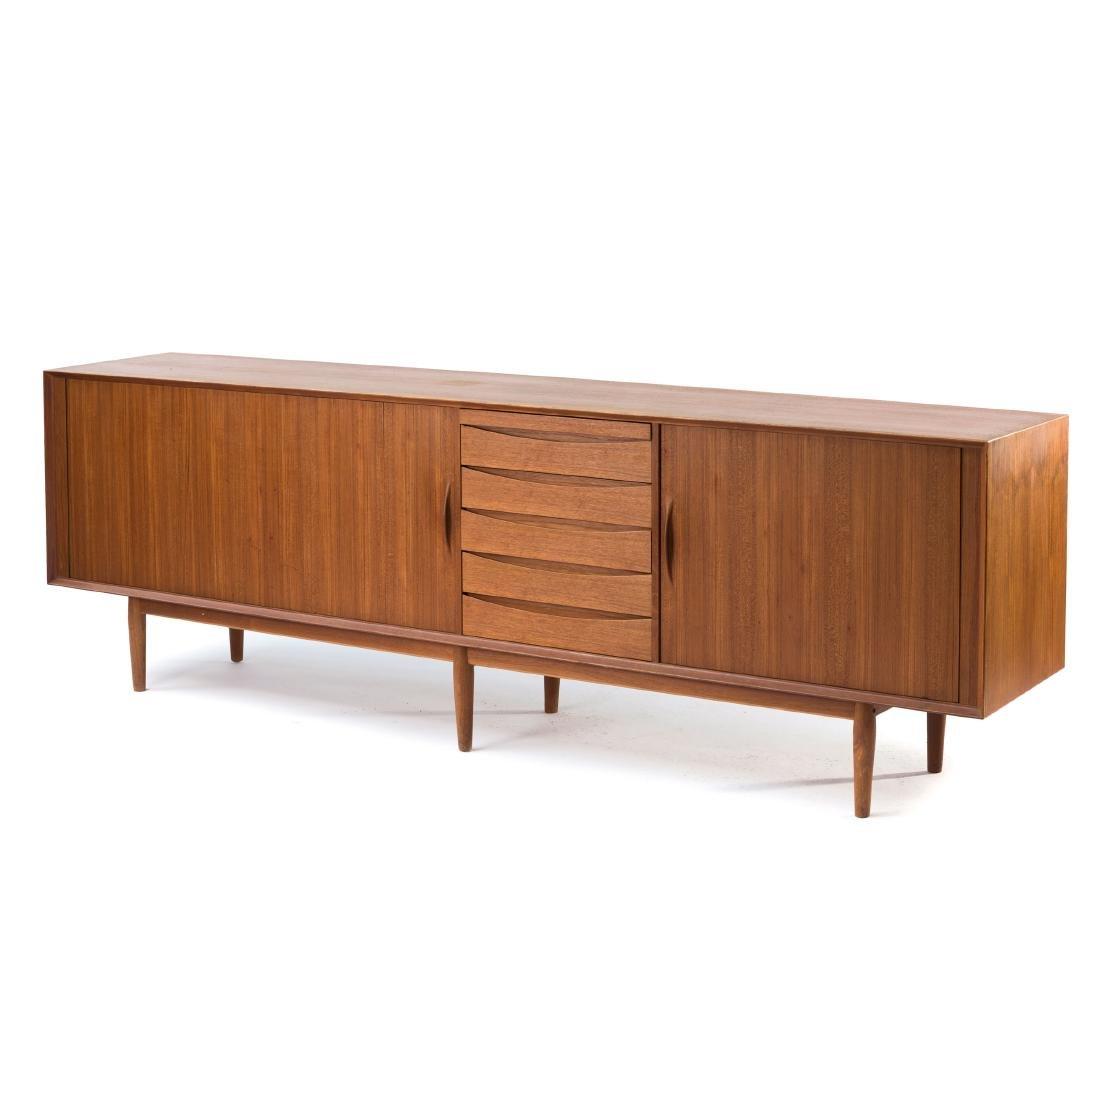 '76' - 'Triennale' sideboard, c. 1959